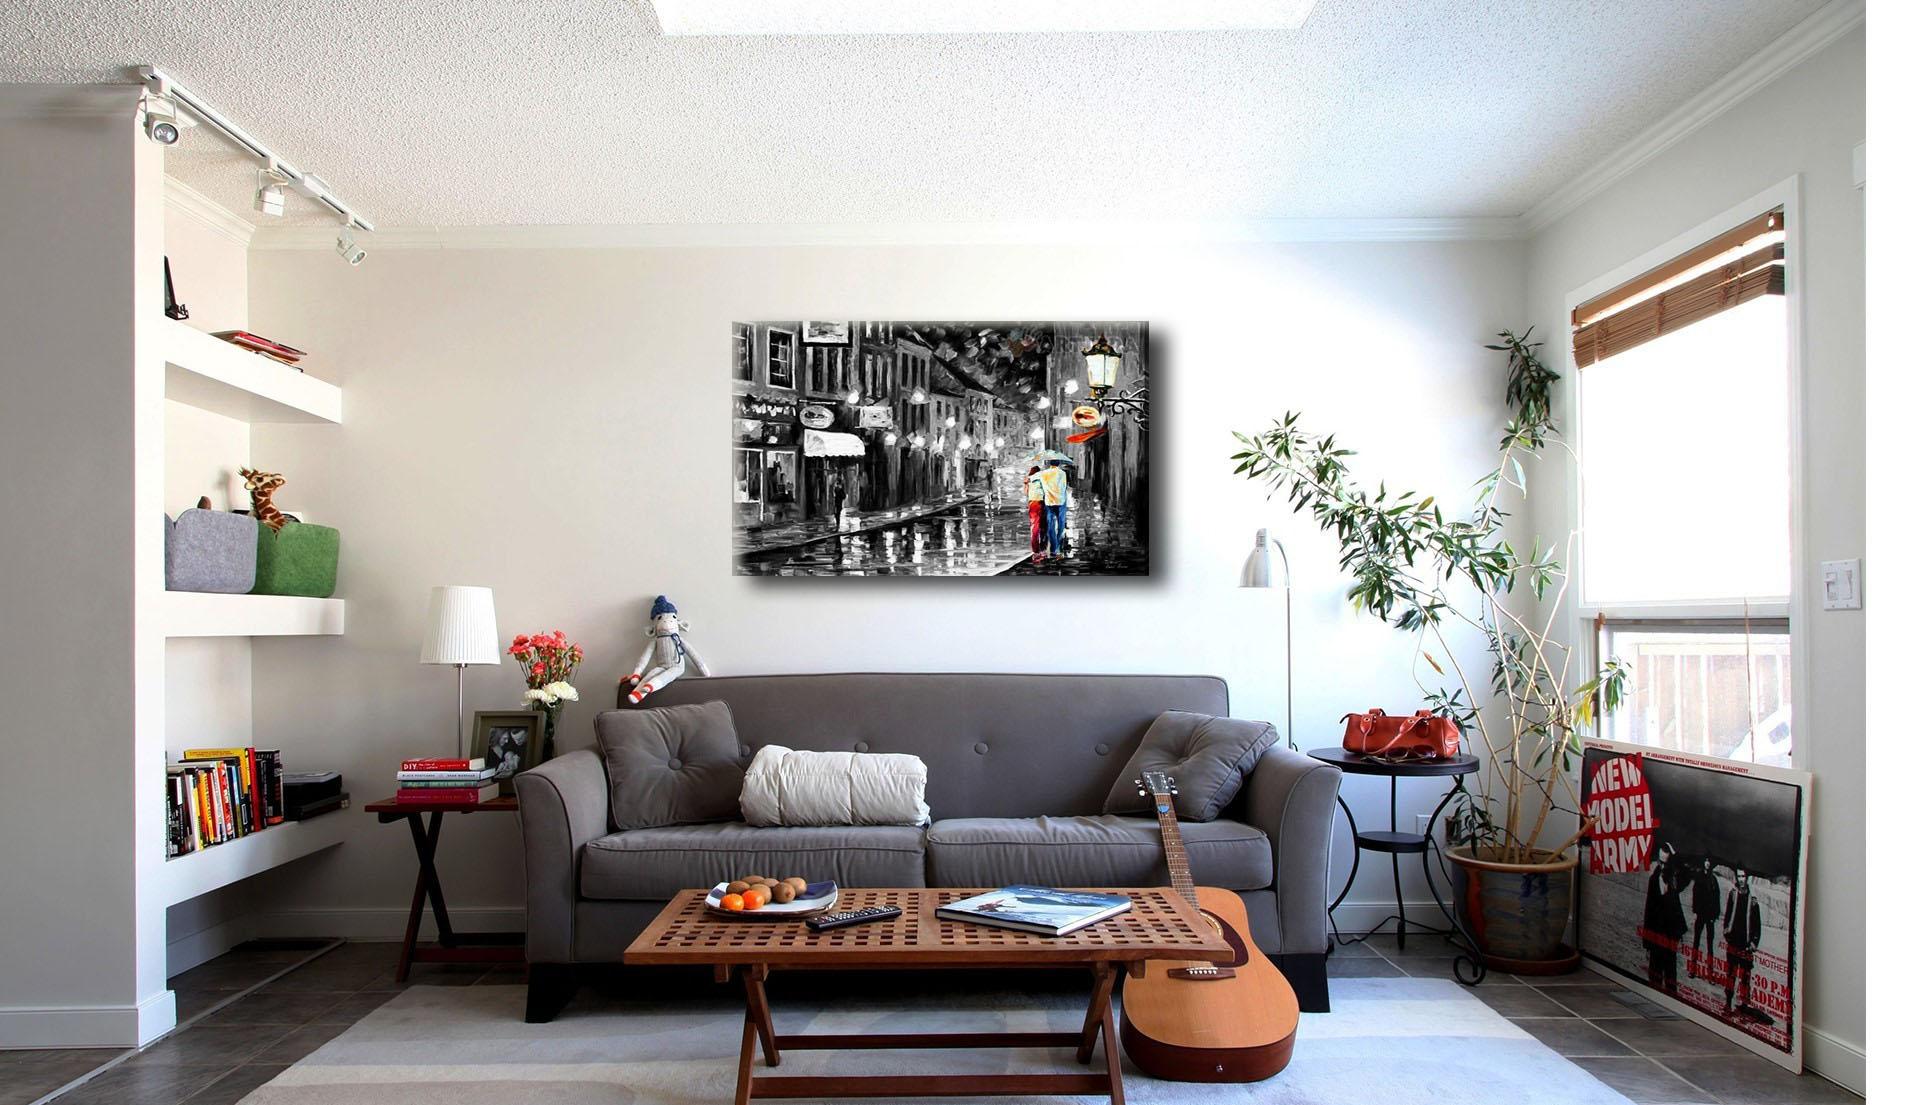 Как оформить интерьер картинами и фотографиями?